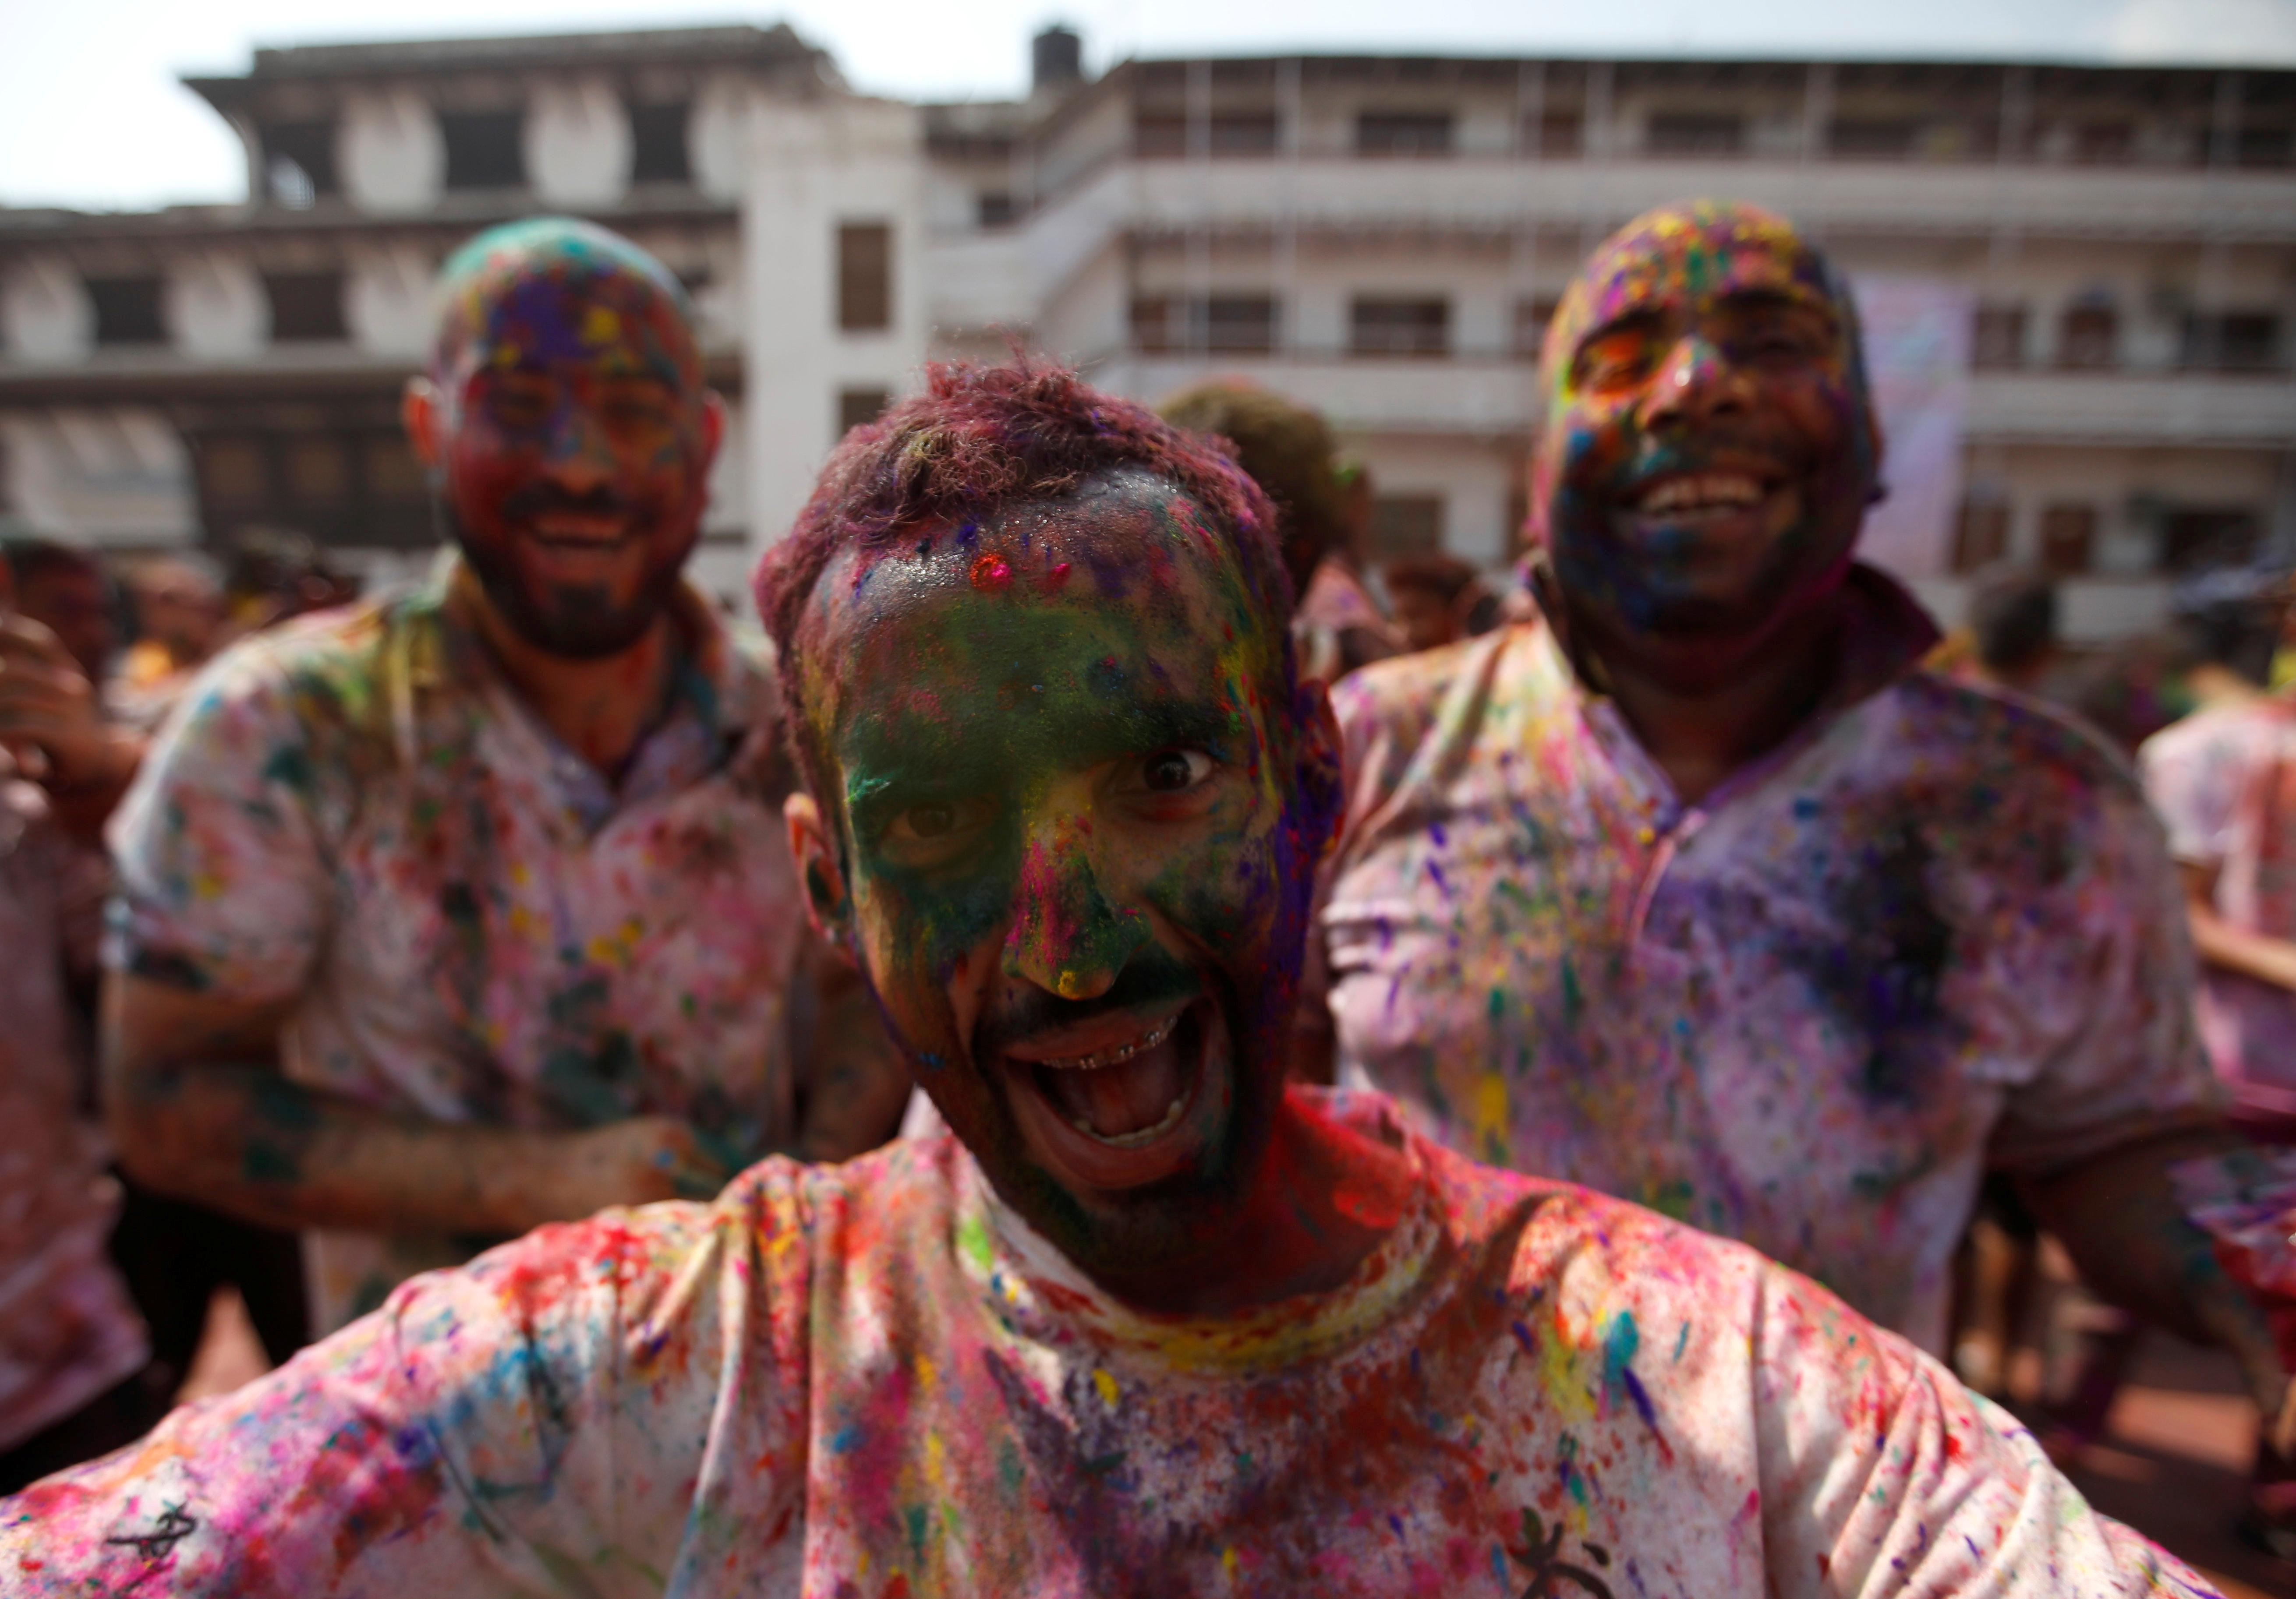 مهرجان الألوان المبهجة فى الهند احتفالا بقدوم فصل الربيع (2)